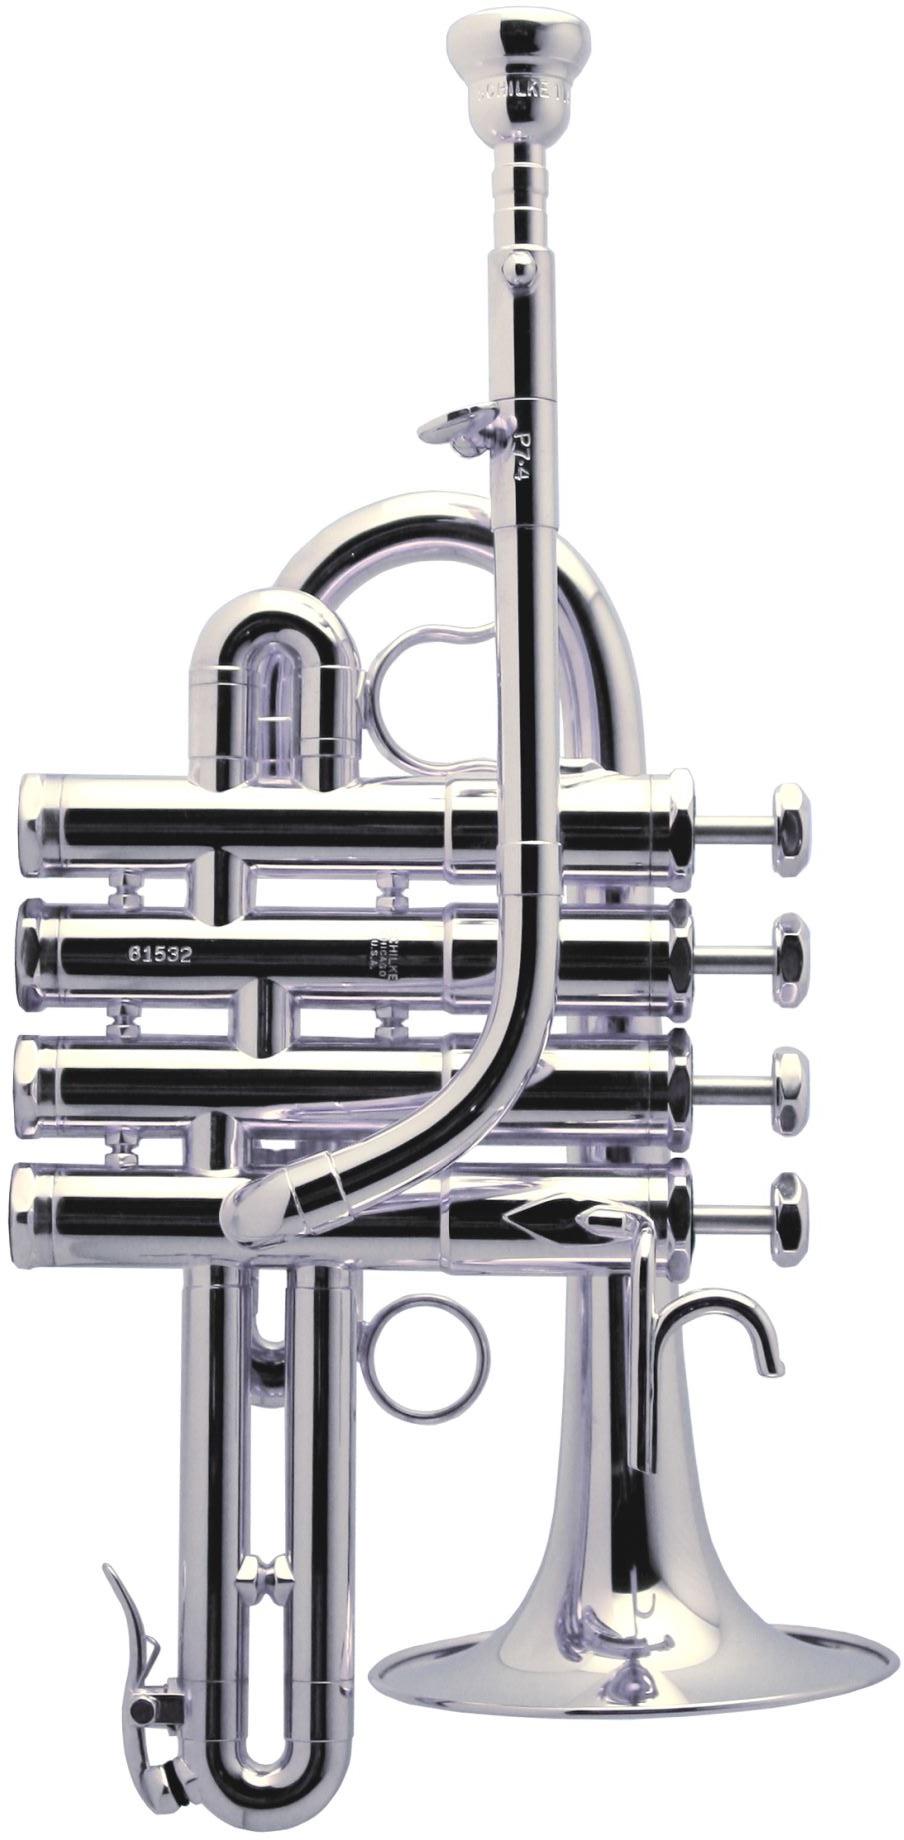 Schilke - P7 - 4 - Blechblasinstrumente - Trompeten mit Perinet-Ventilen | MUSIK BERTRAM Deutschland Freiburg